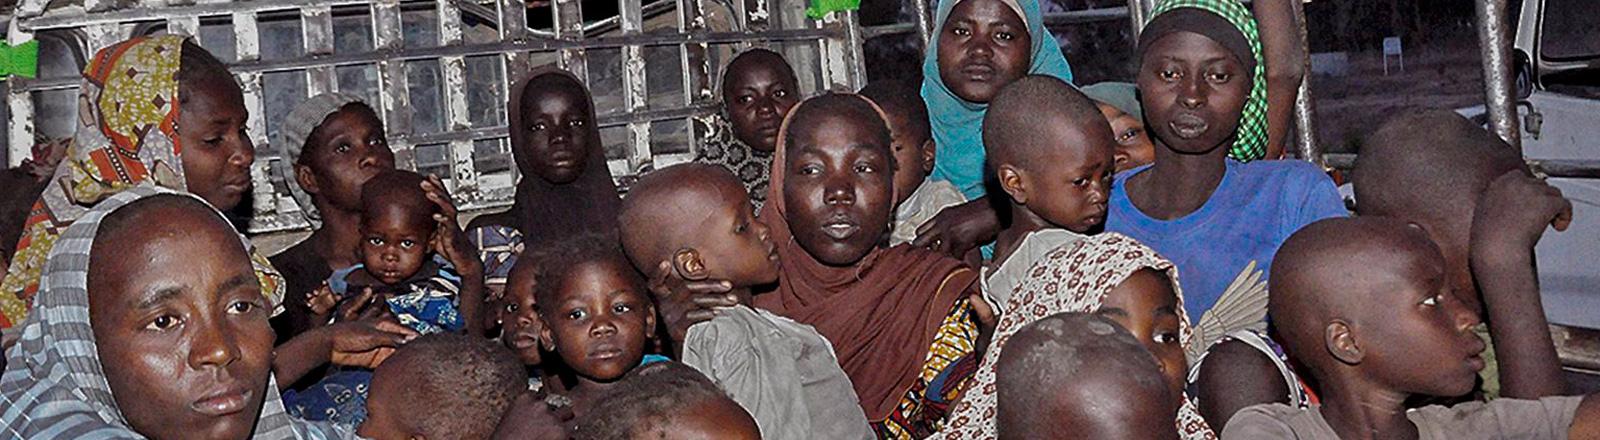 Auf einem offenen Jeep sitzen Frauen mit Kindern. Sie wurden im Mai 2015 aus den Händen von Boko Haram befreit; Foto: dpa